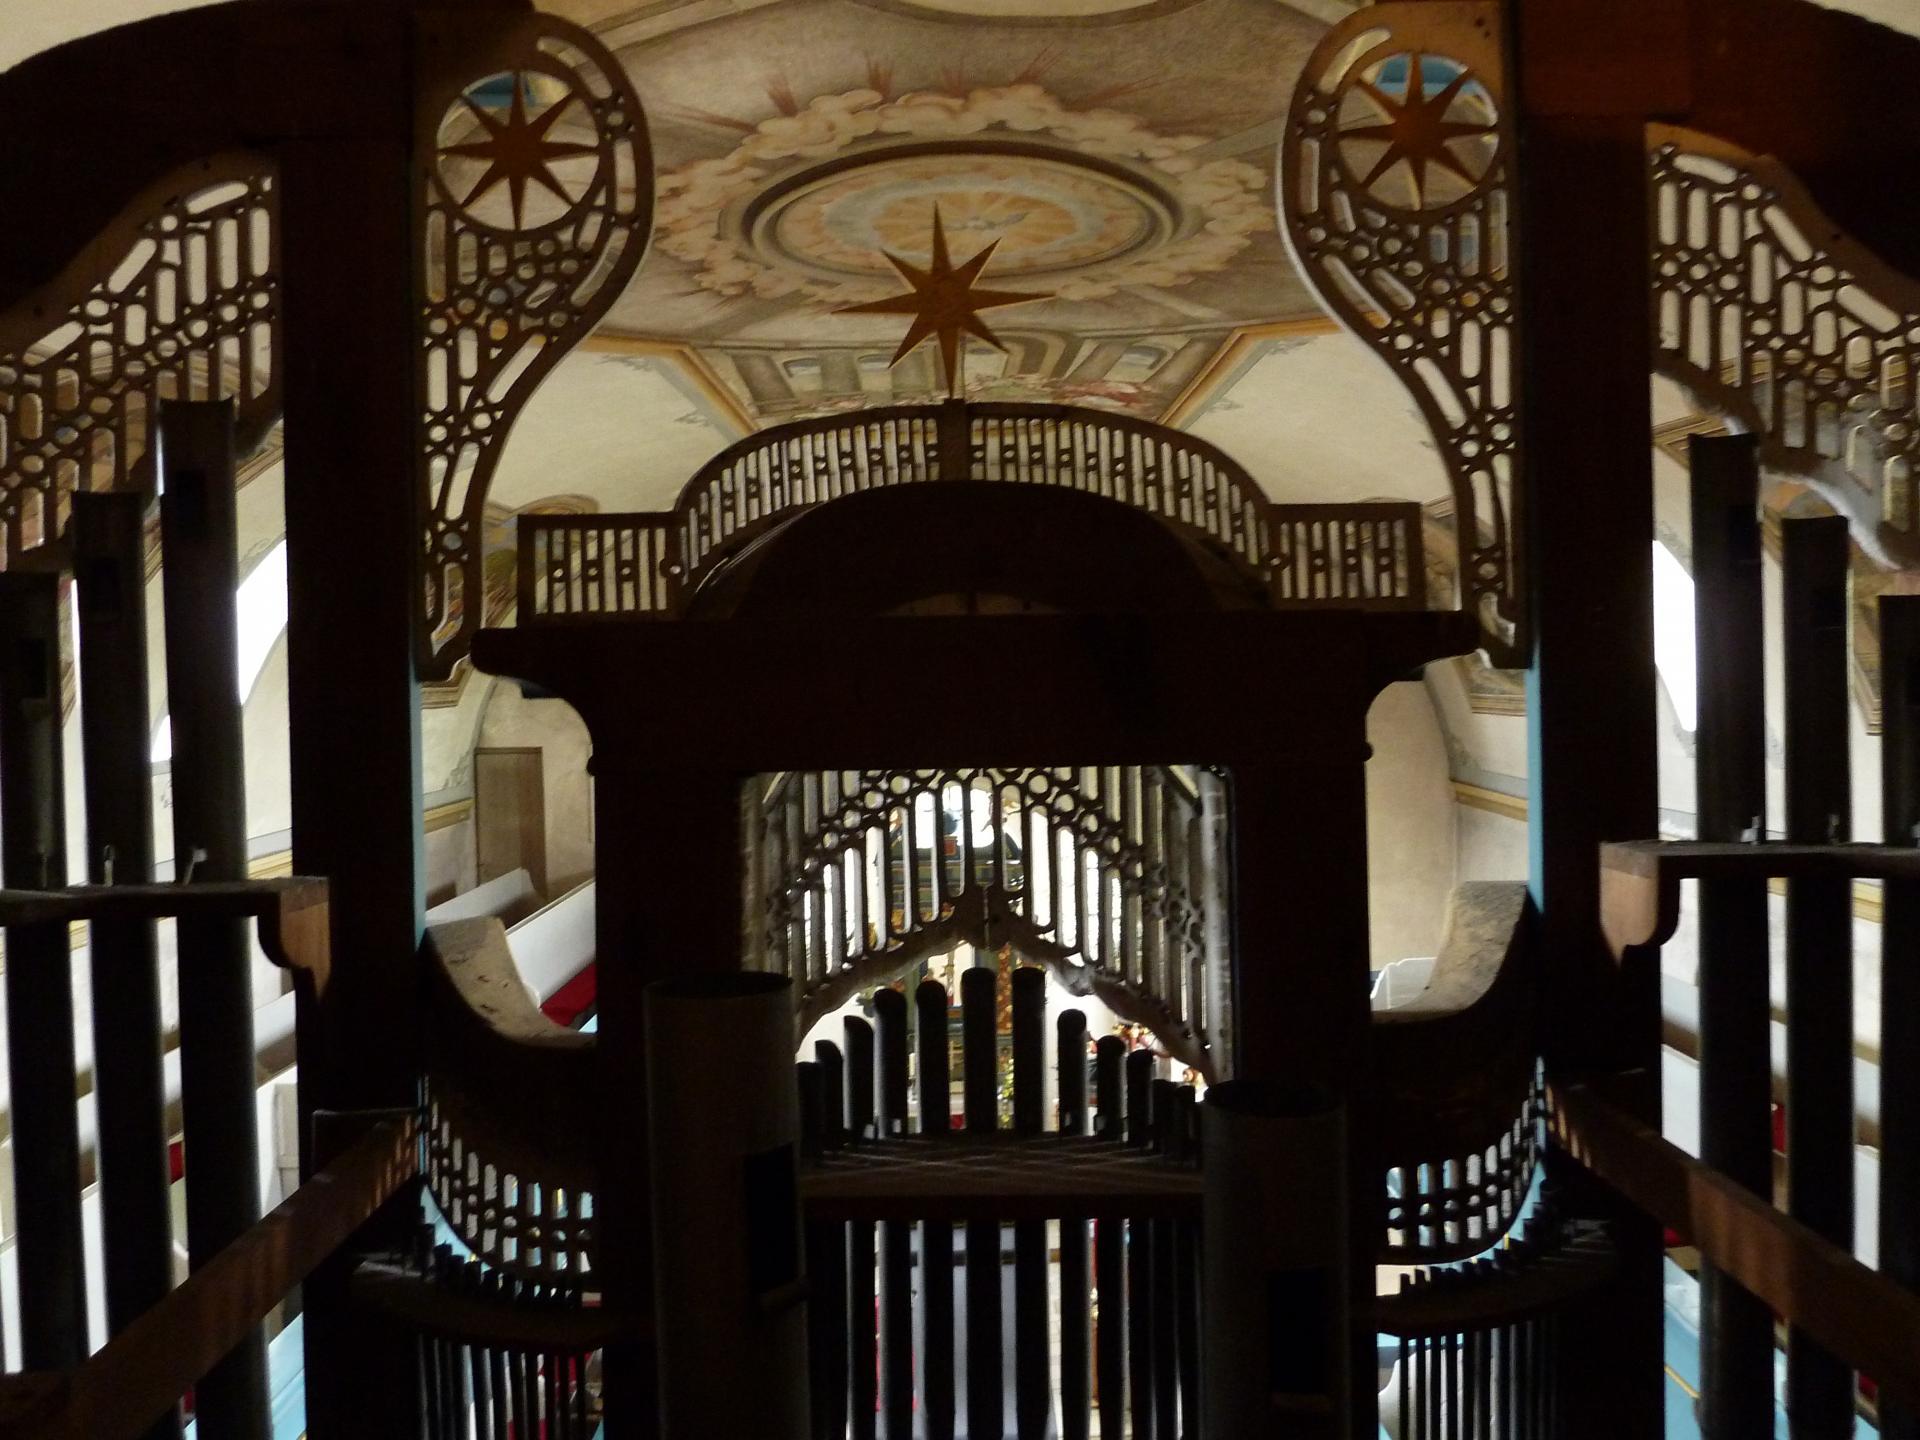 Blick aus dem Inneren der Orgel in das Kirchenschiff